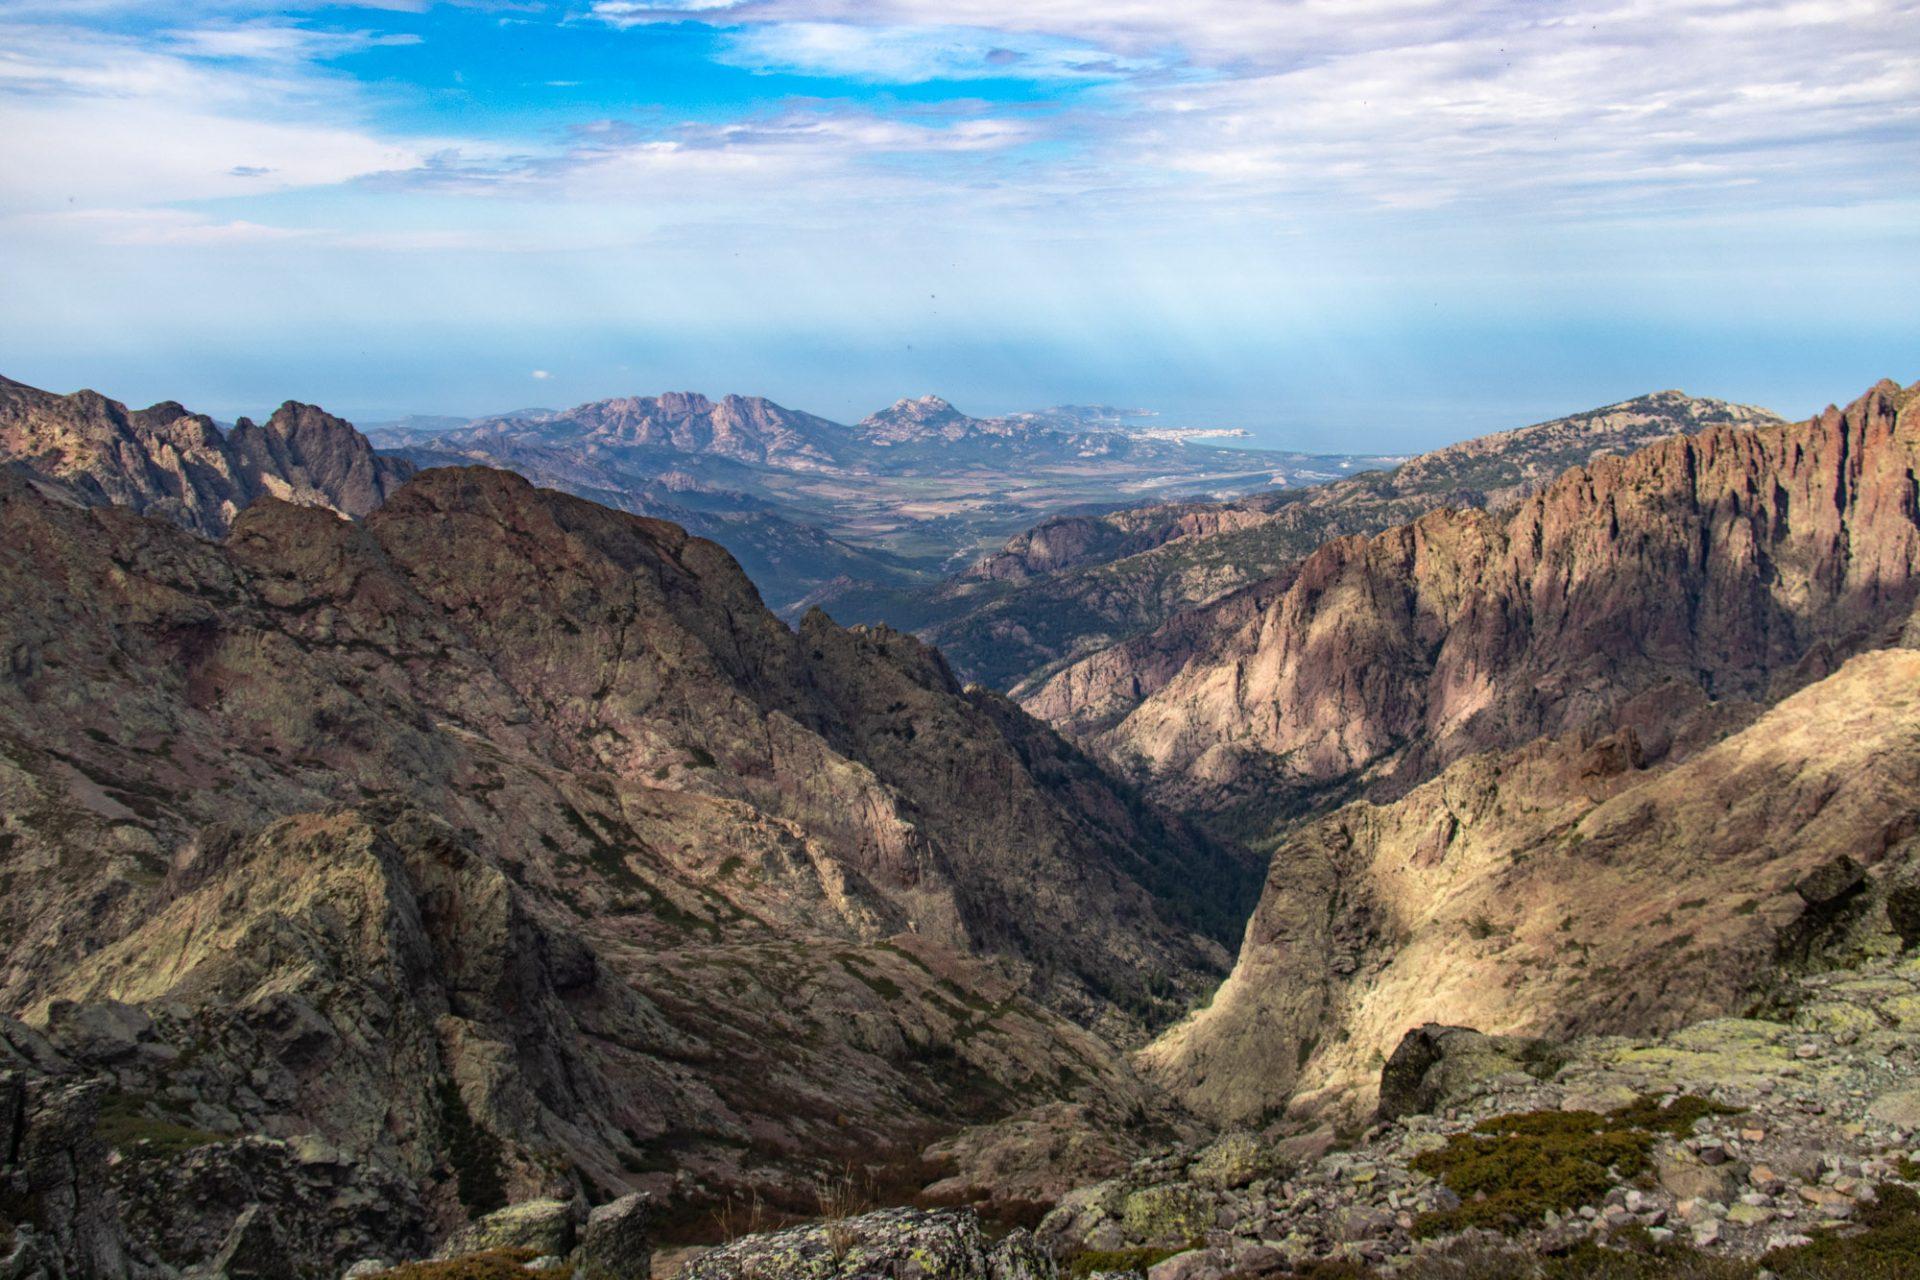 Wandeling naar een bergtop op corsica: de muvrella bij haut asco